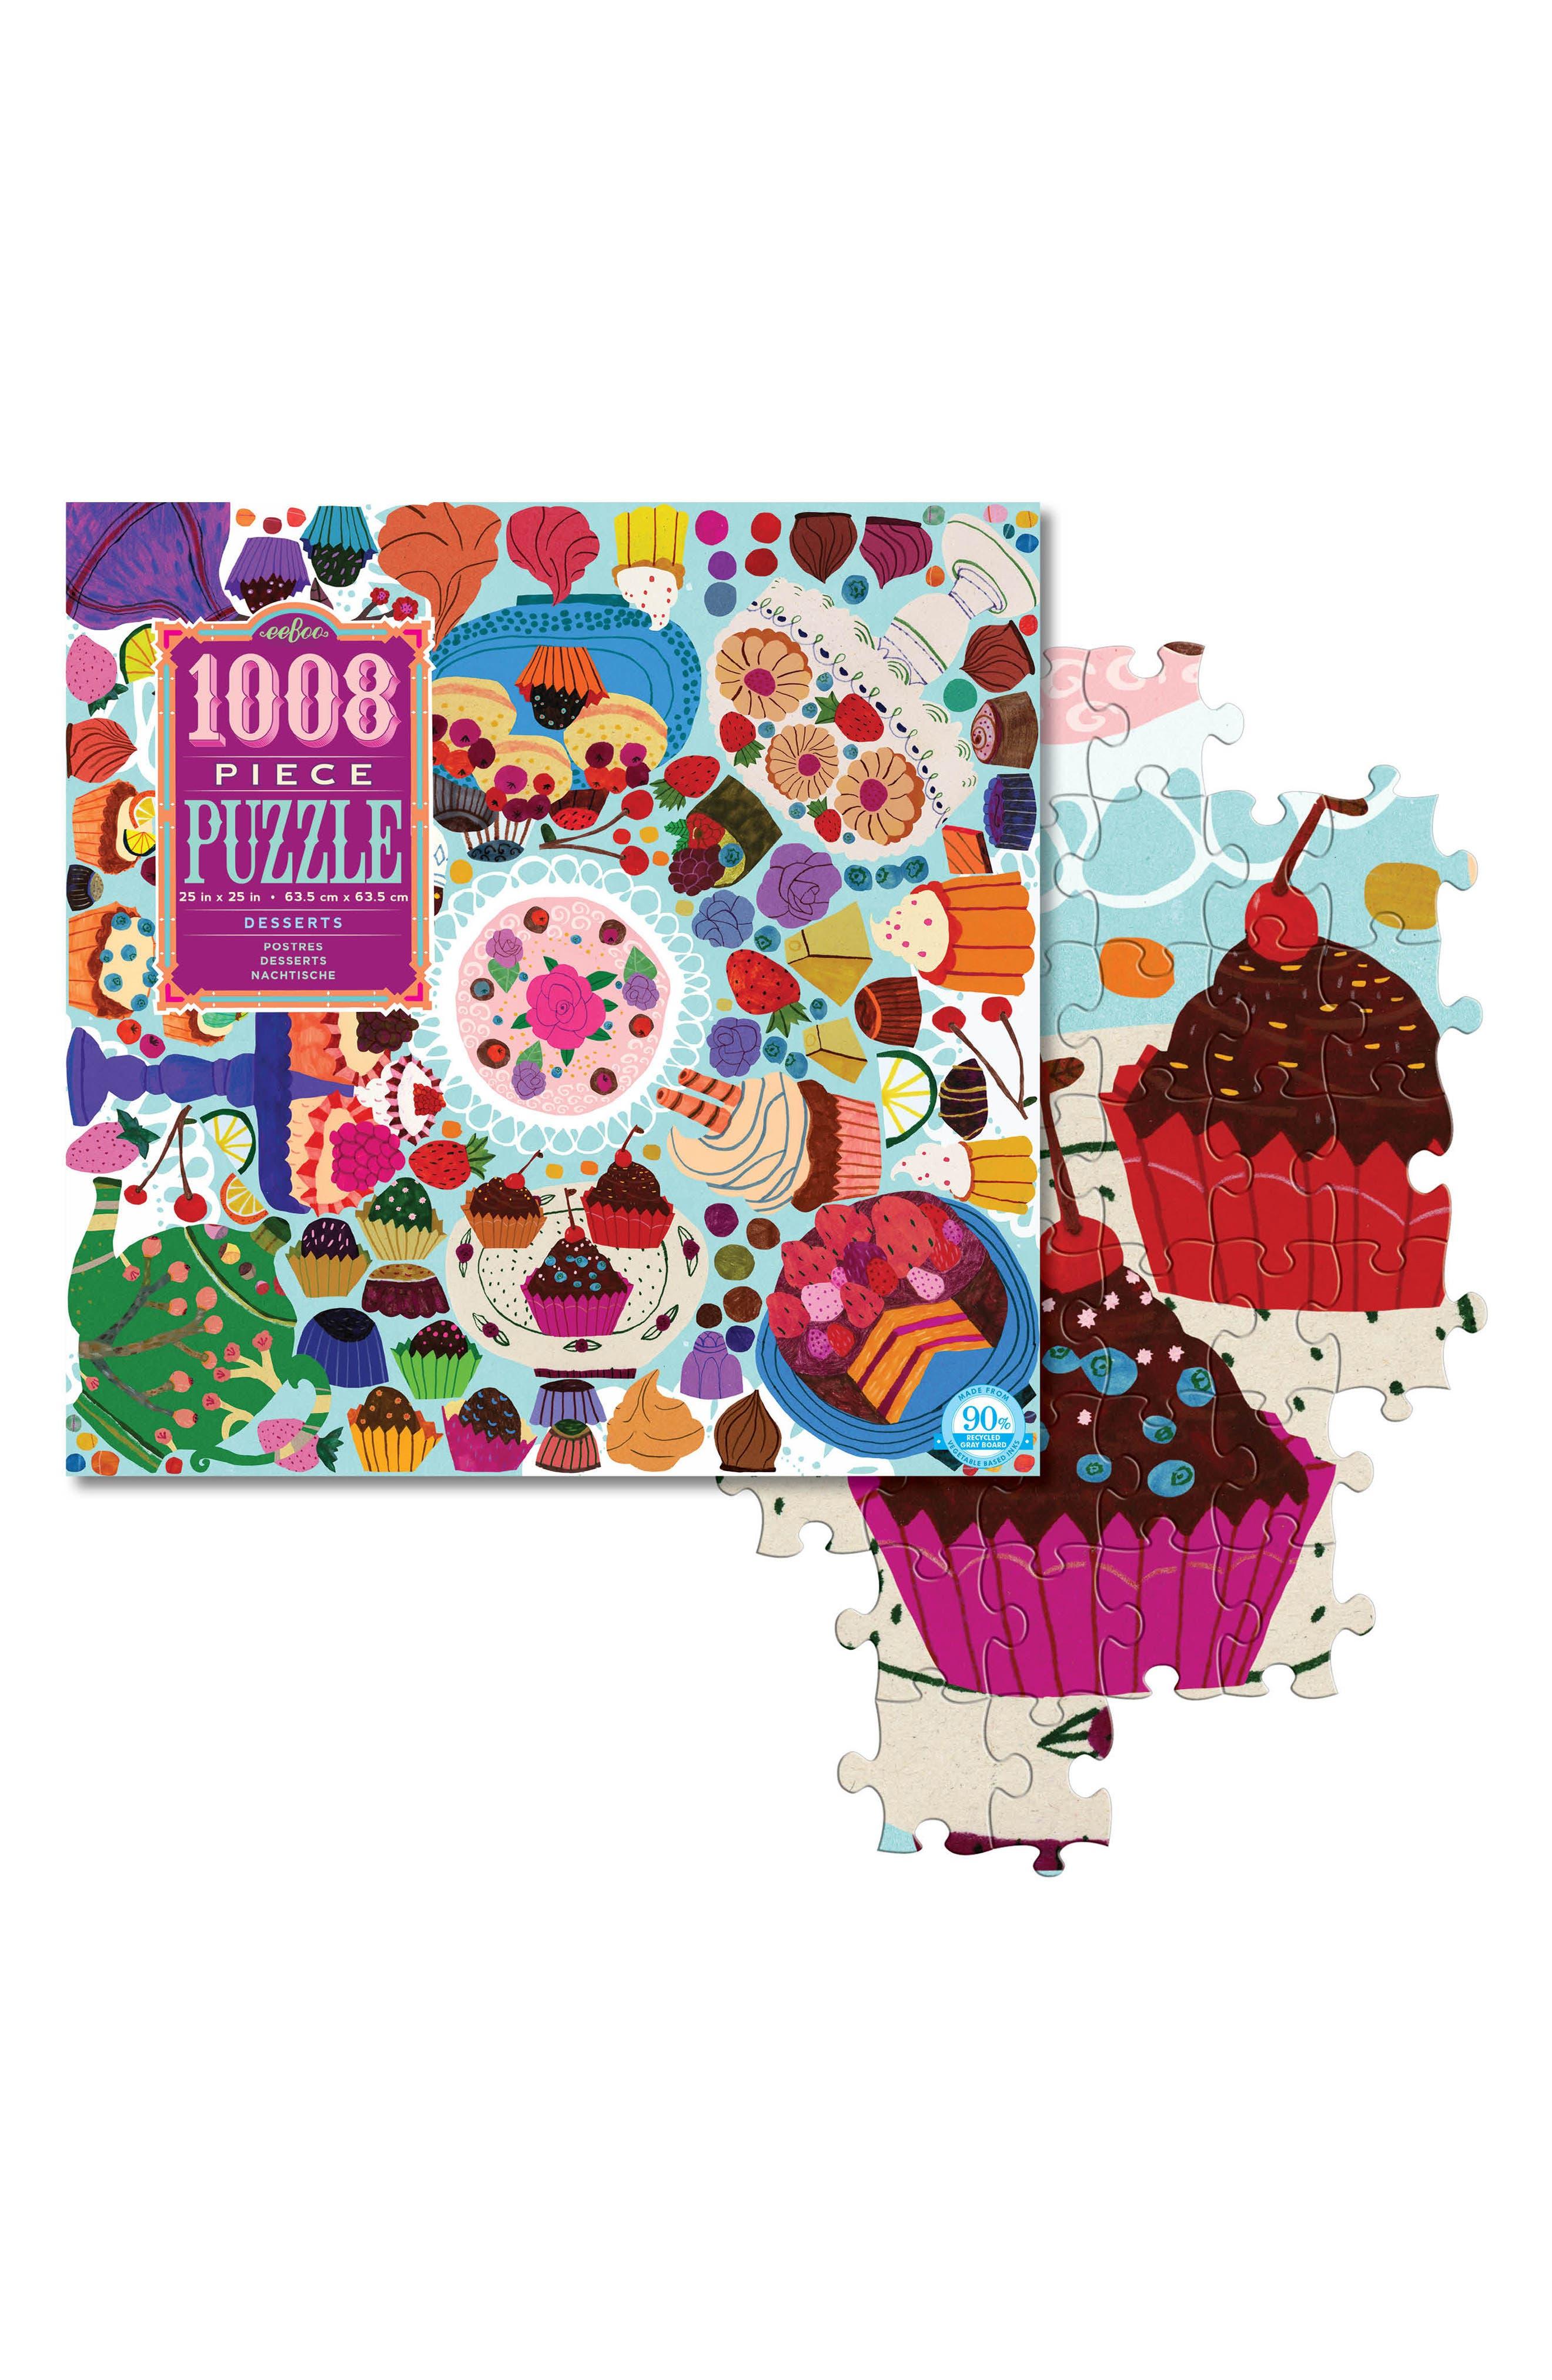 Desserts 1008-Piece Puzzle,                             Alternate thumbnail 3, color,                             400